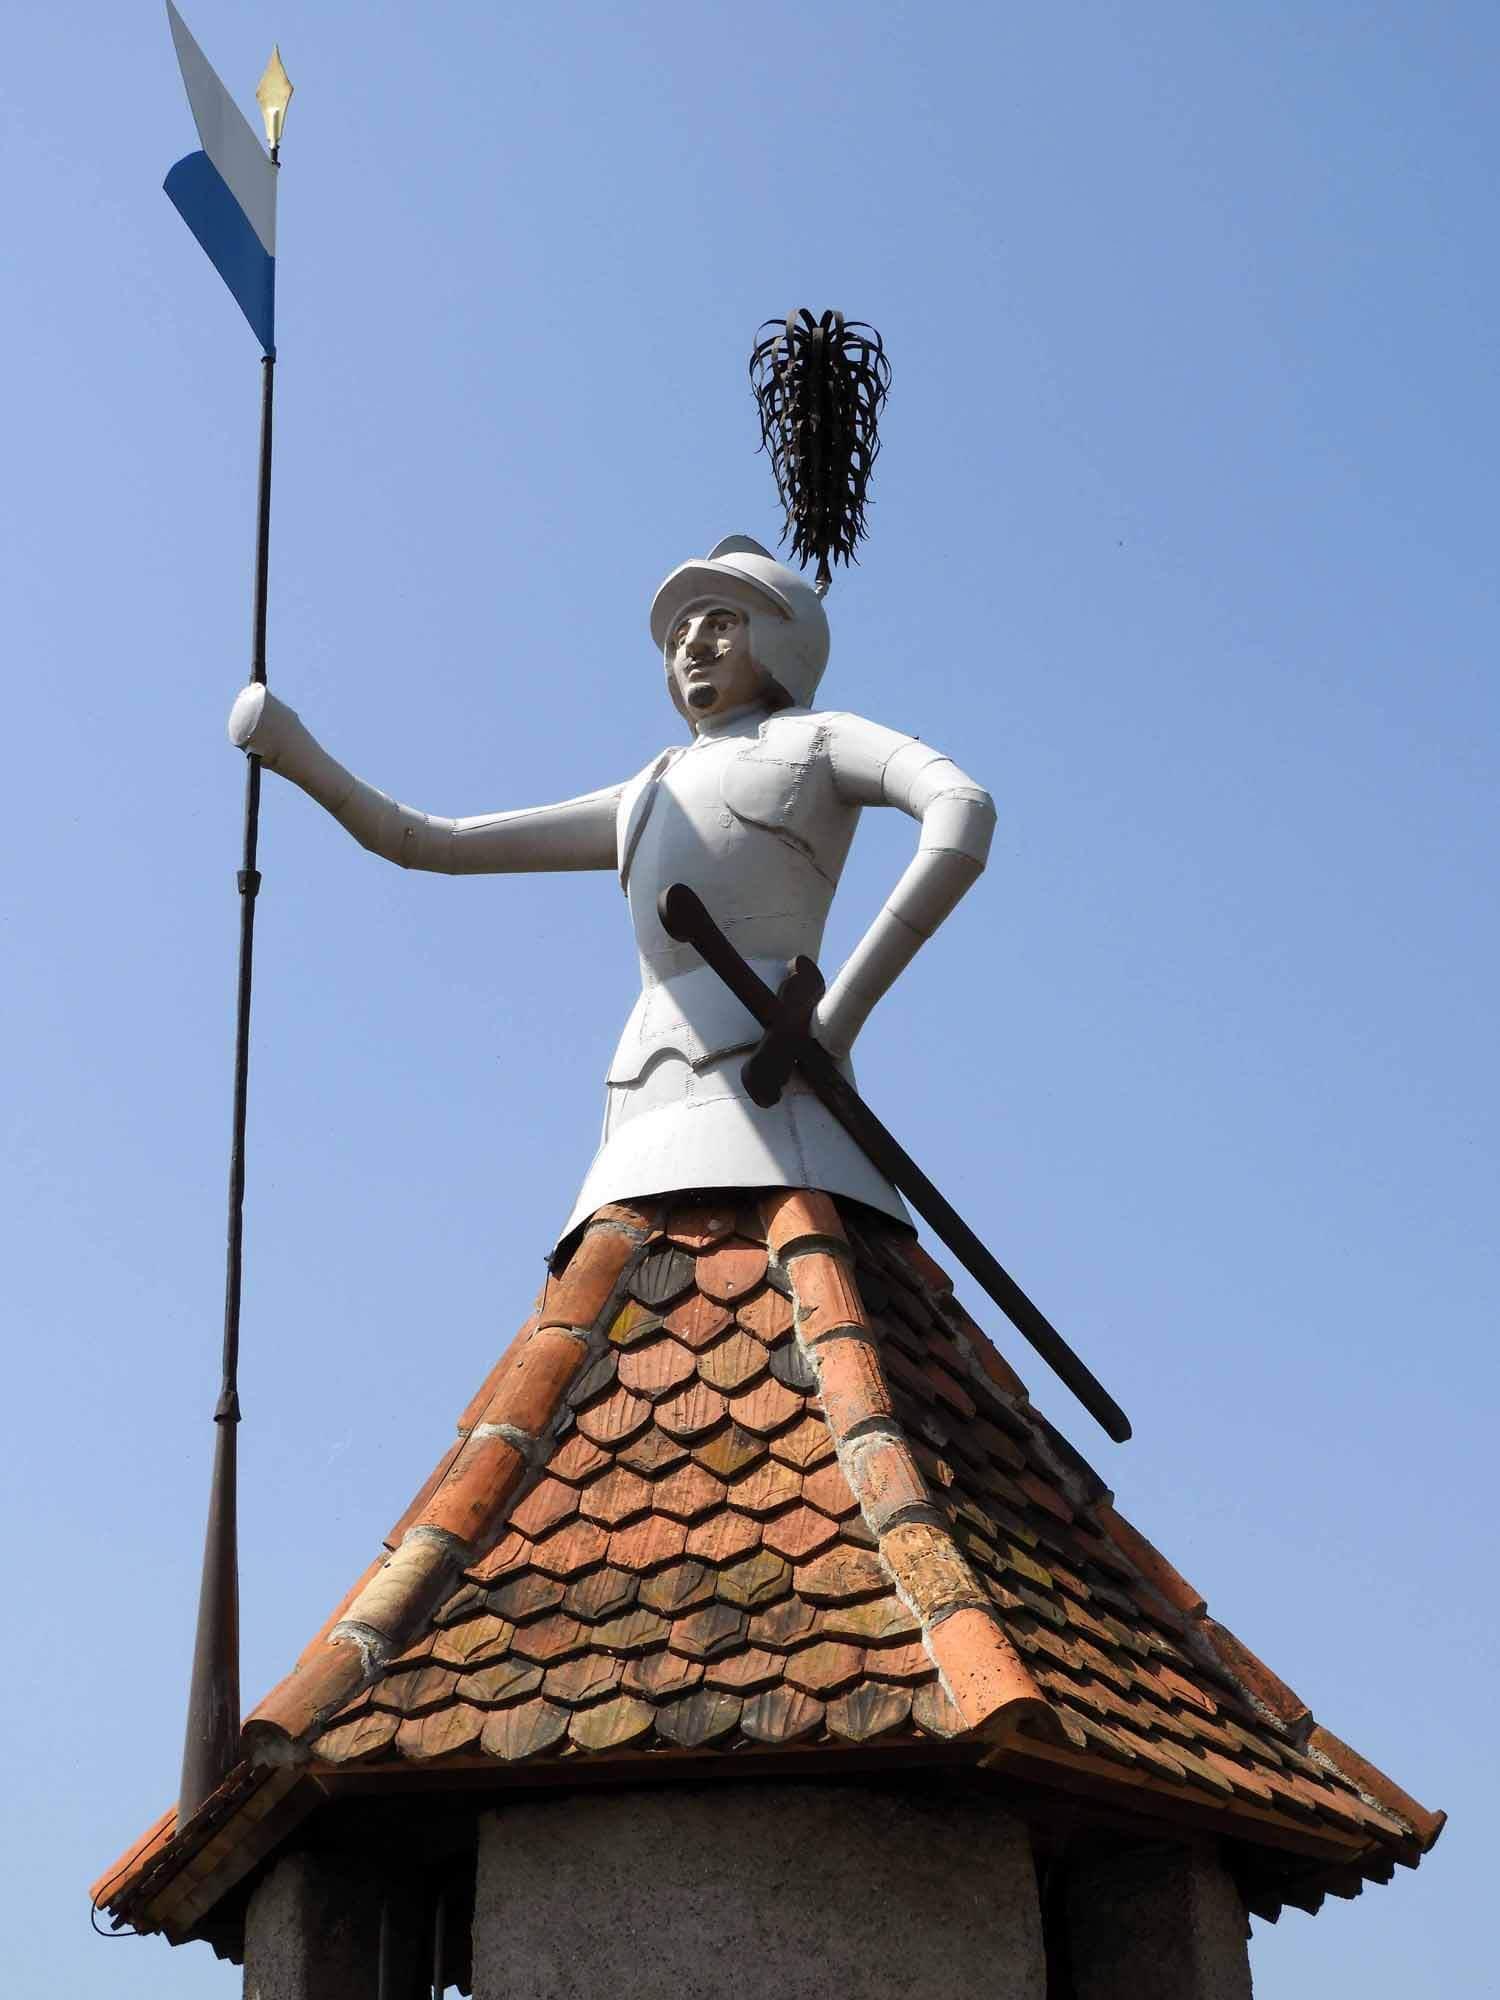 switzerland-lucerne-knight-tower.JPG